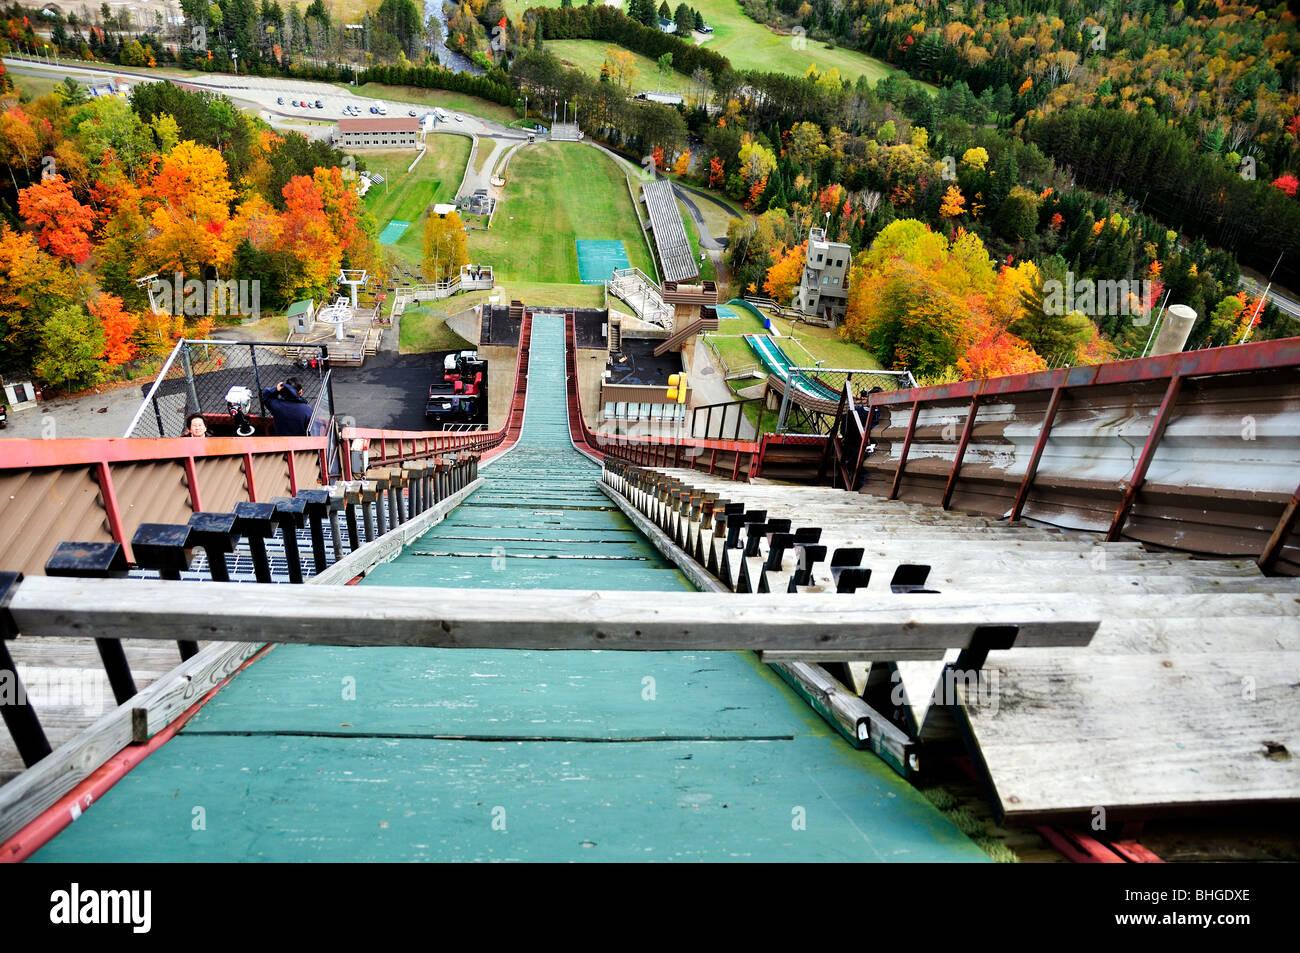 Une vue de la porte de saut à ski aux Jeux olympiques de Lake Placid, New York, USA. Photo Stock